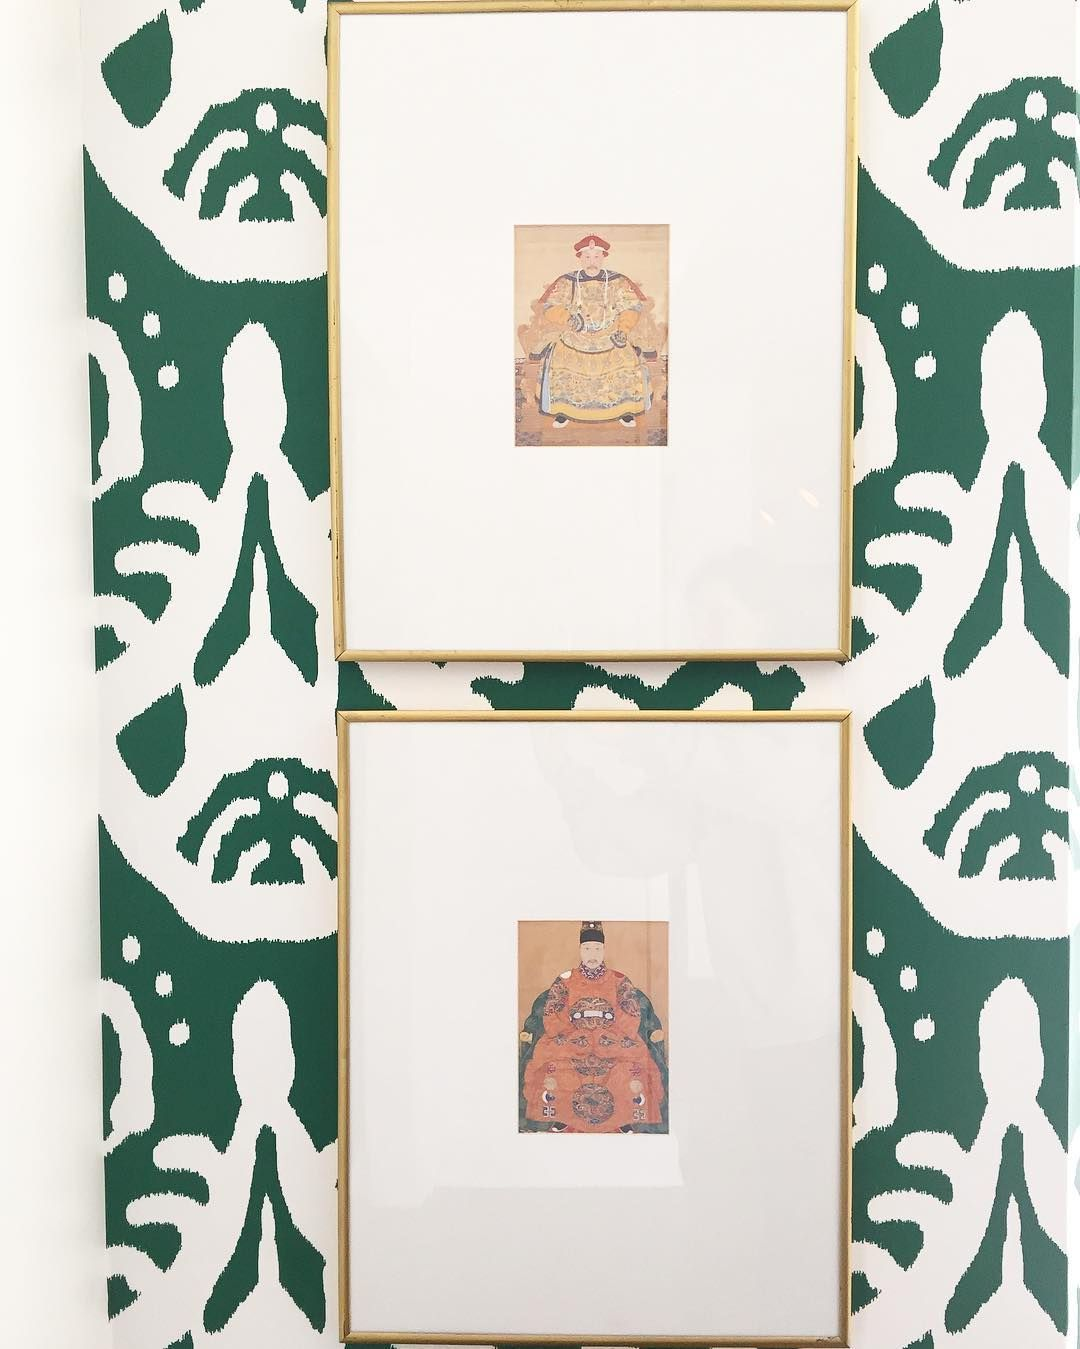 chinoiserie art, emerald green ikat wallpaper